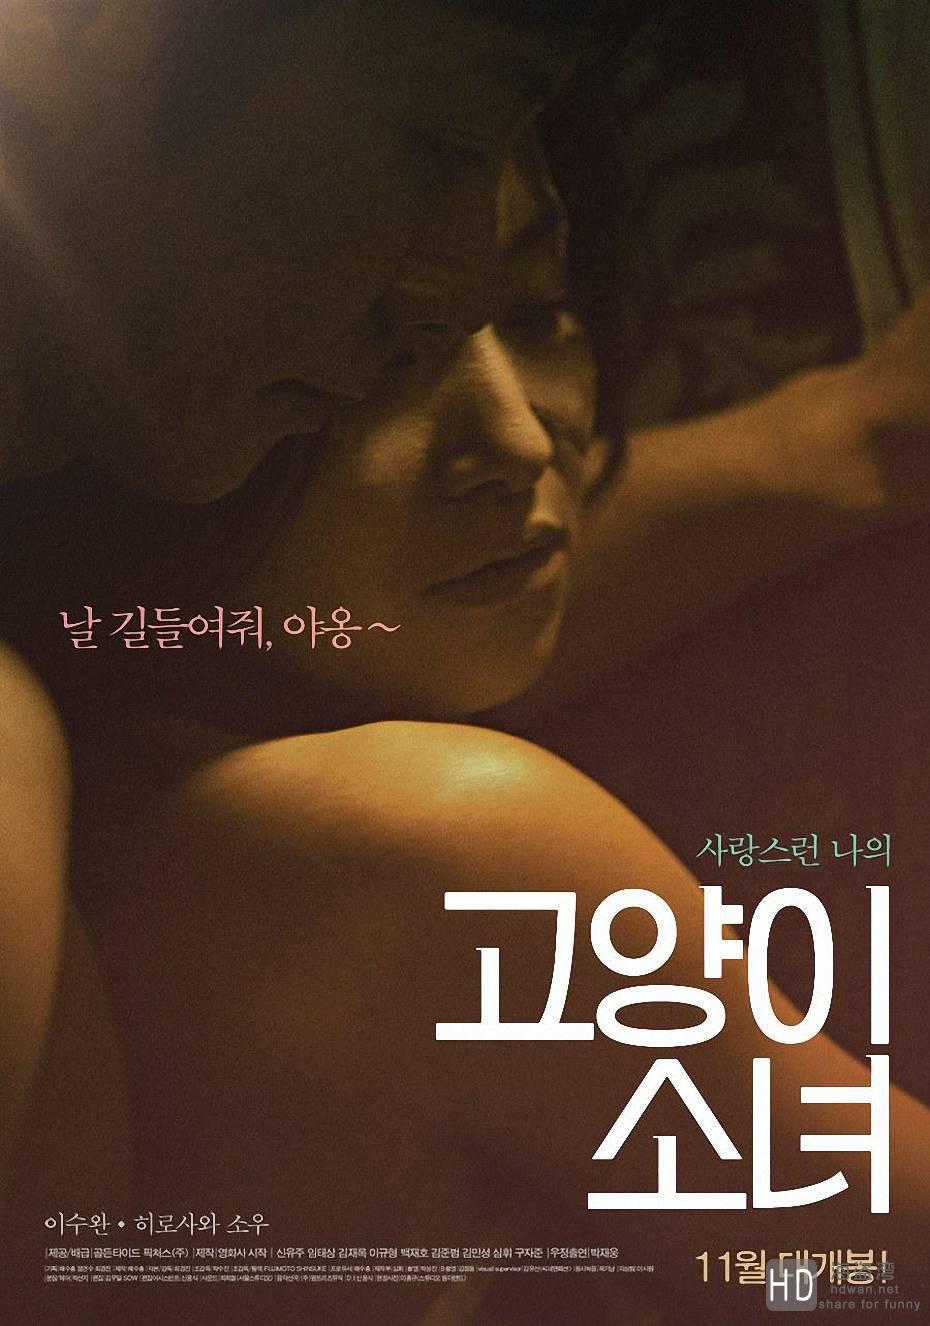 [2014][韩国][猫女孩 Cat Girl][DVD/MP4/BT电影下载]